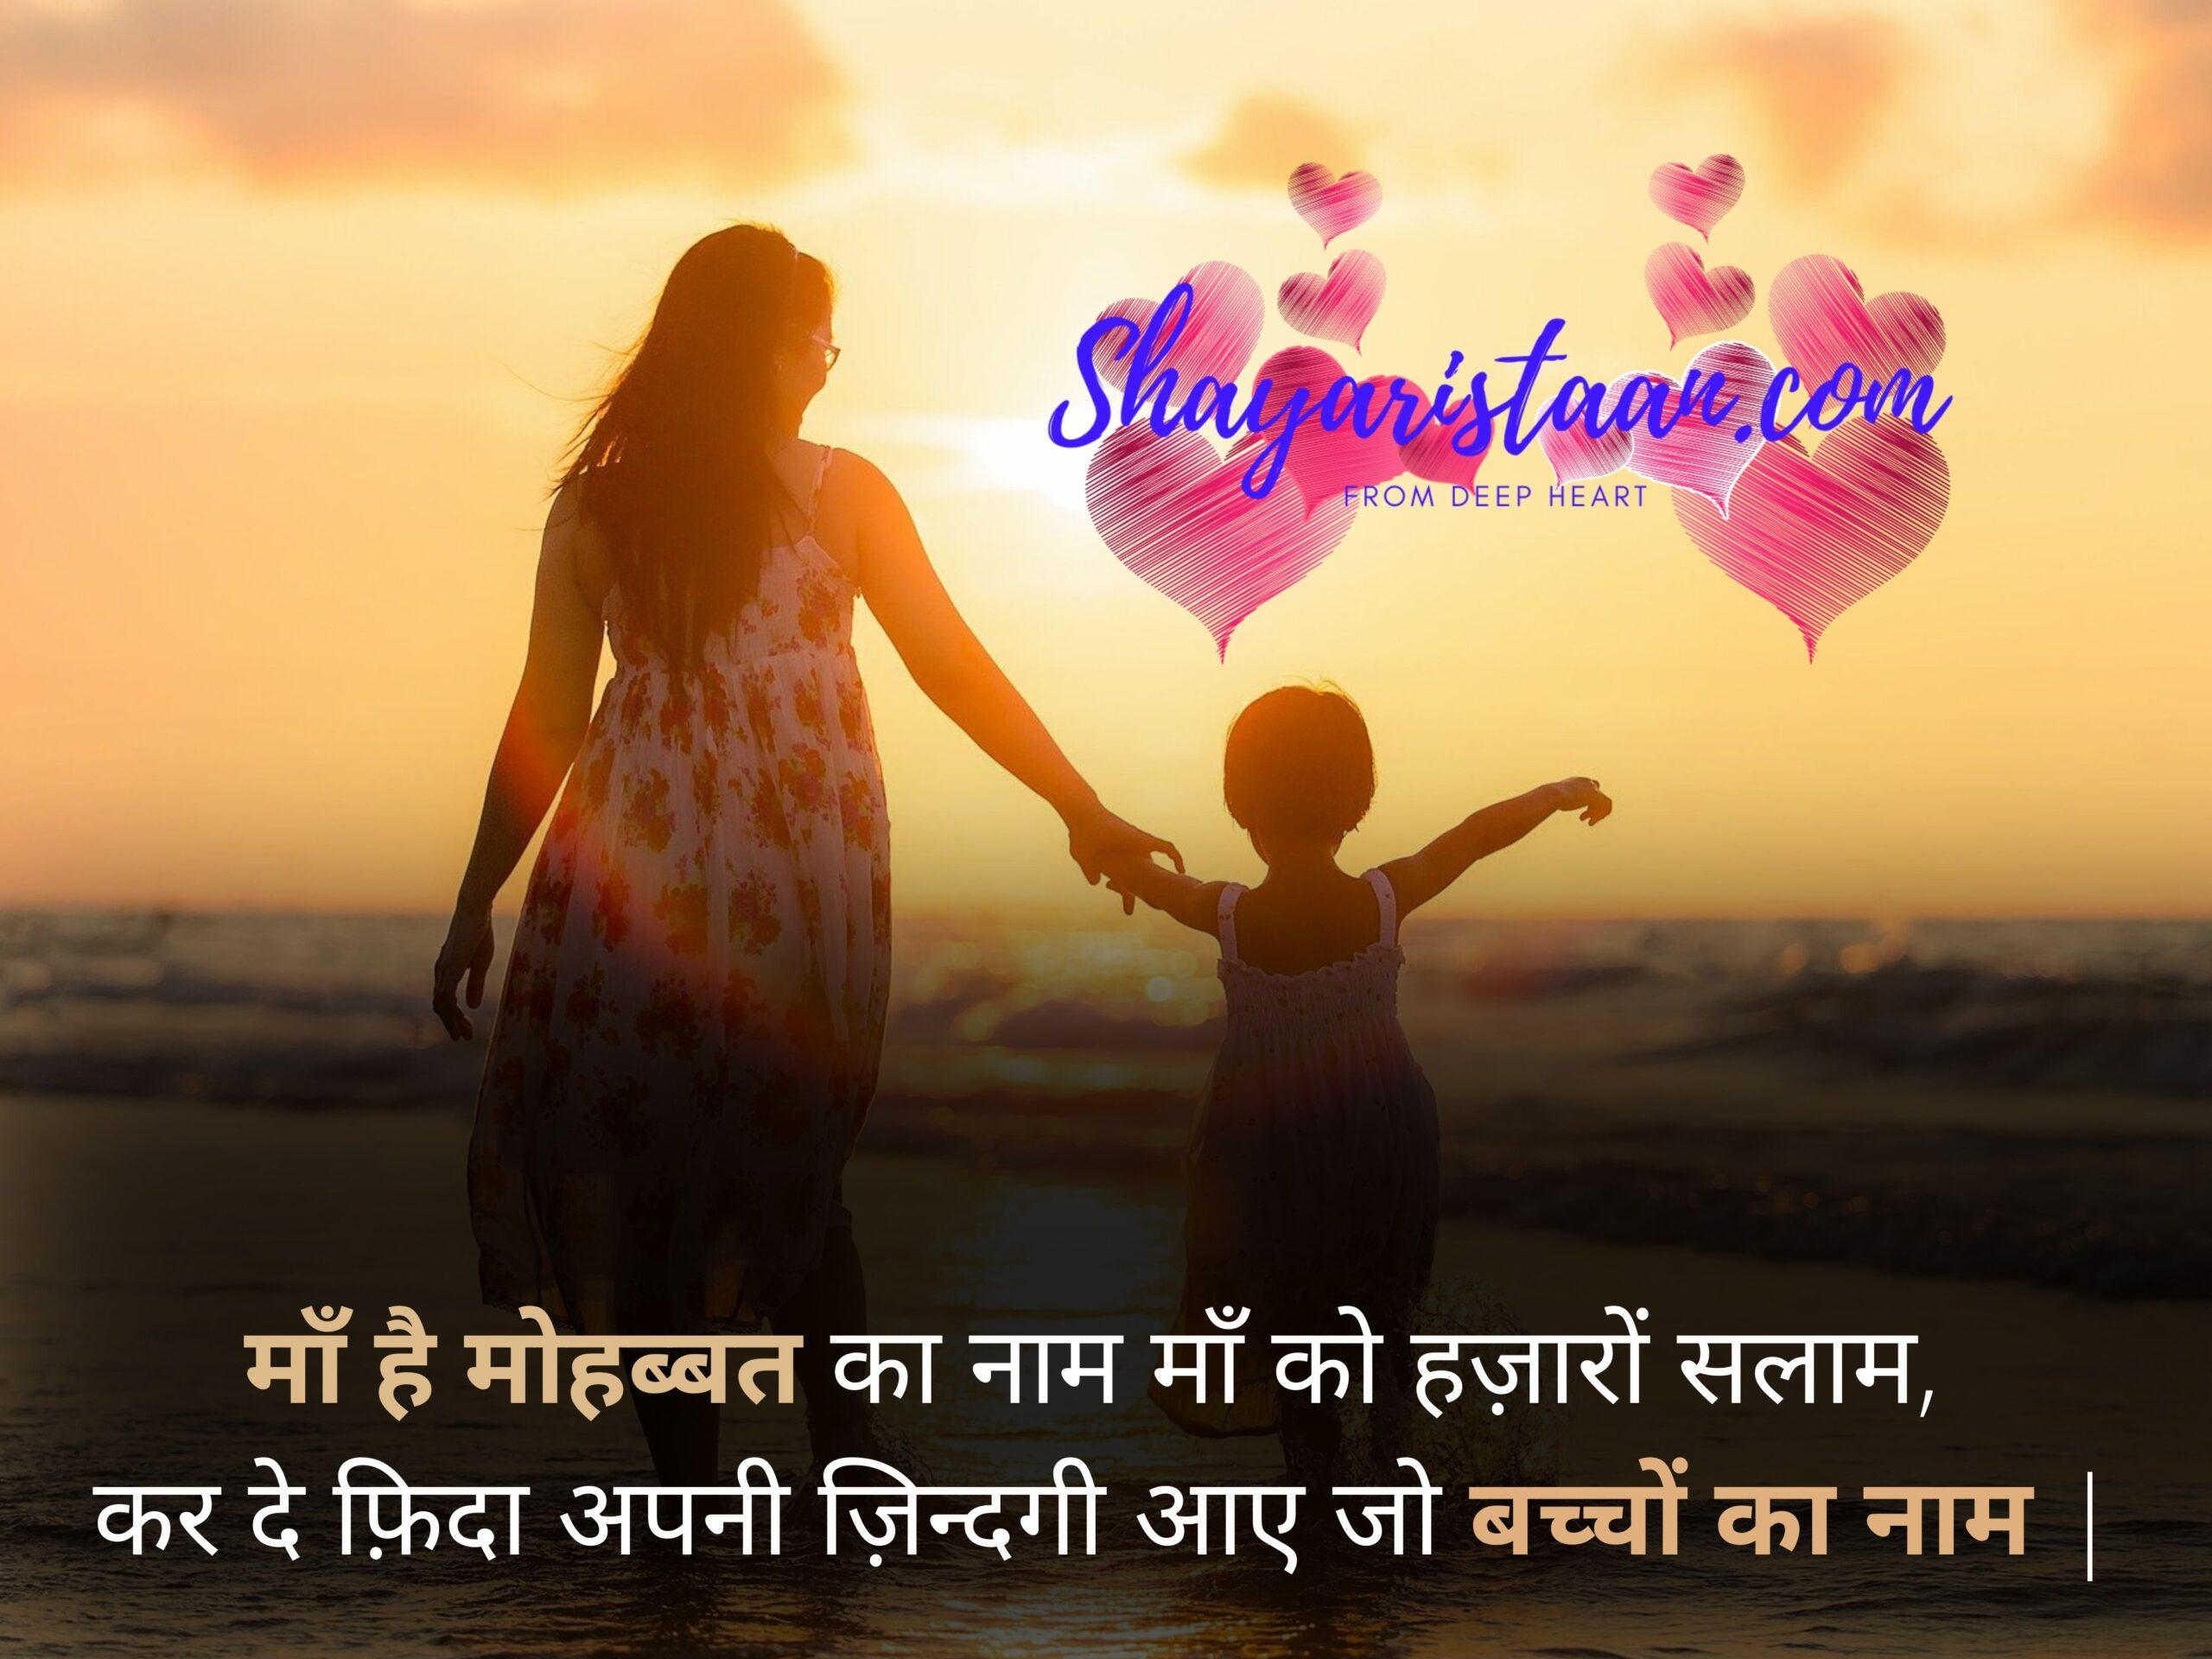 maa thought in hindi   माँ है मोहब्बत का नाम, माँ को हज़ारों सलाम, कर दे फ़िदा अपनी ज़िन्दगी, आए जो बच्चों का नाम  